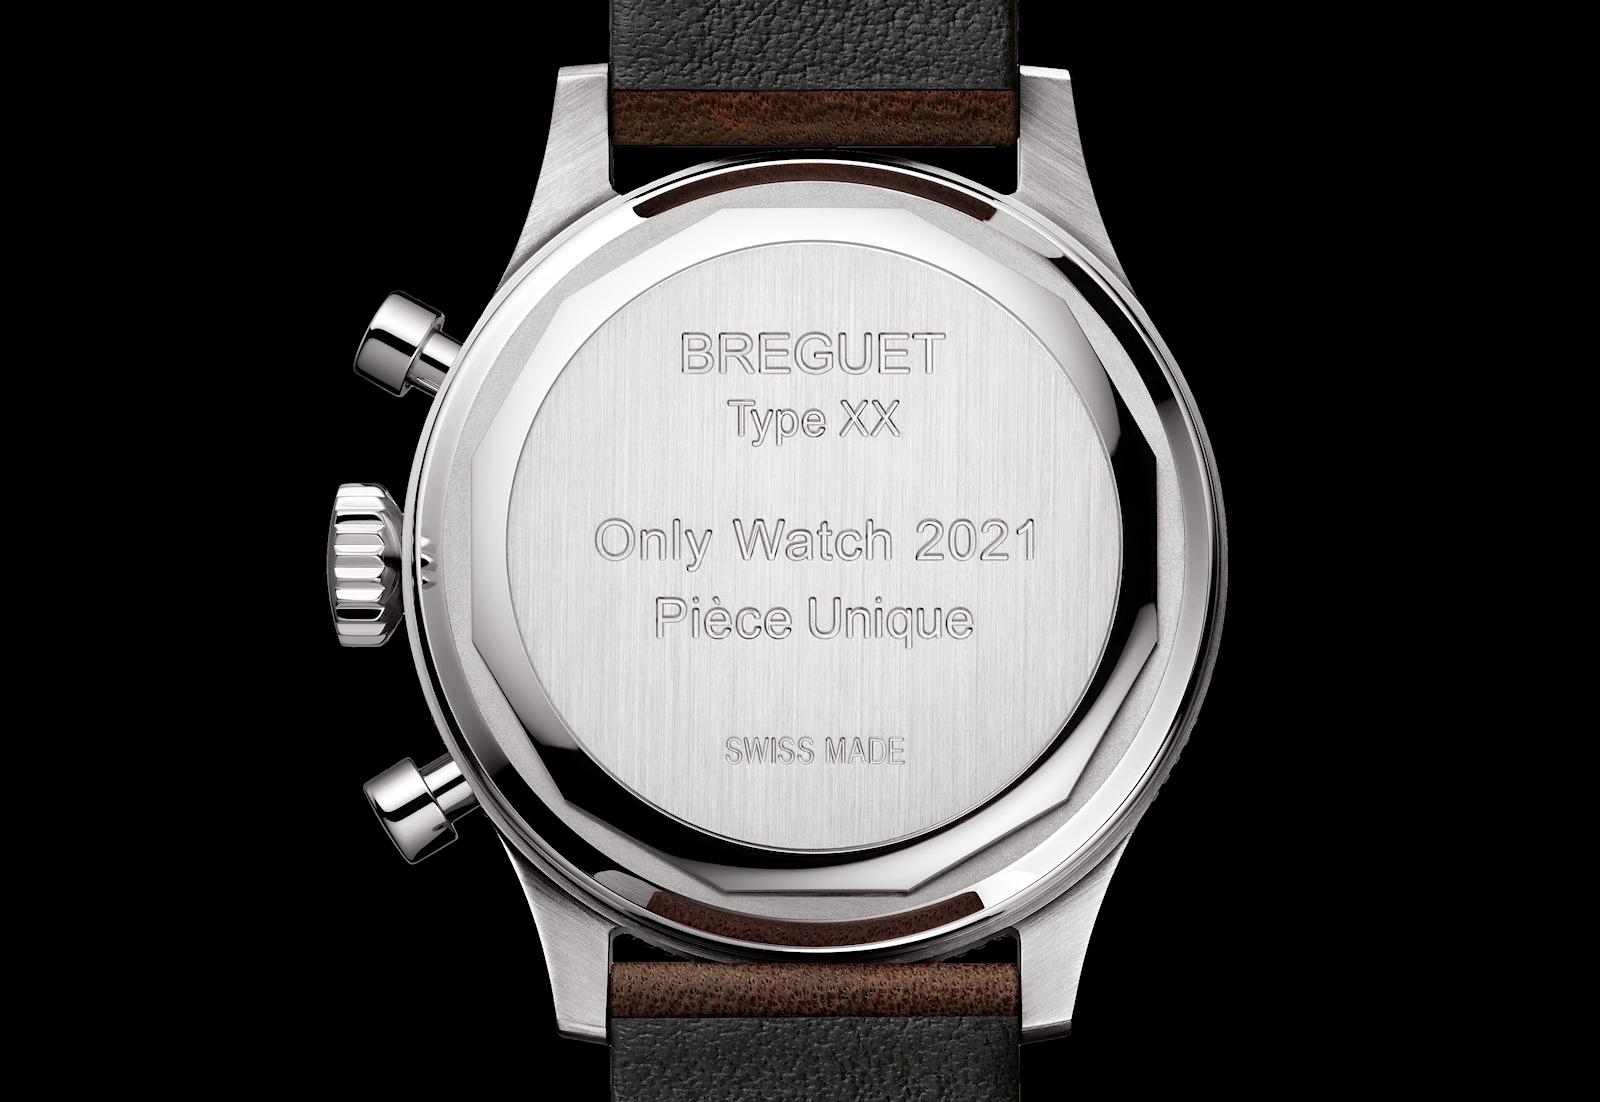 Breguet Type XX Only Watch 2021 - caseback